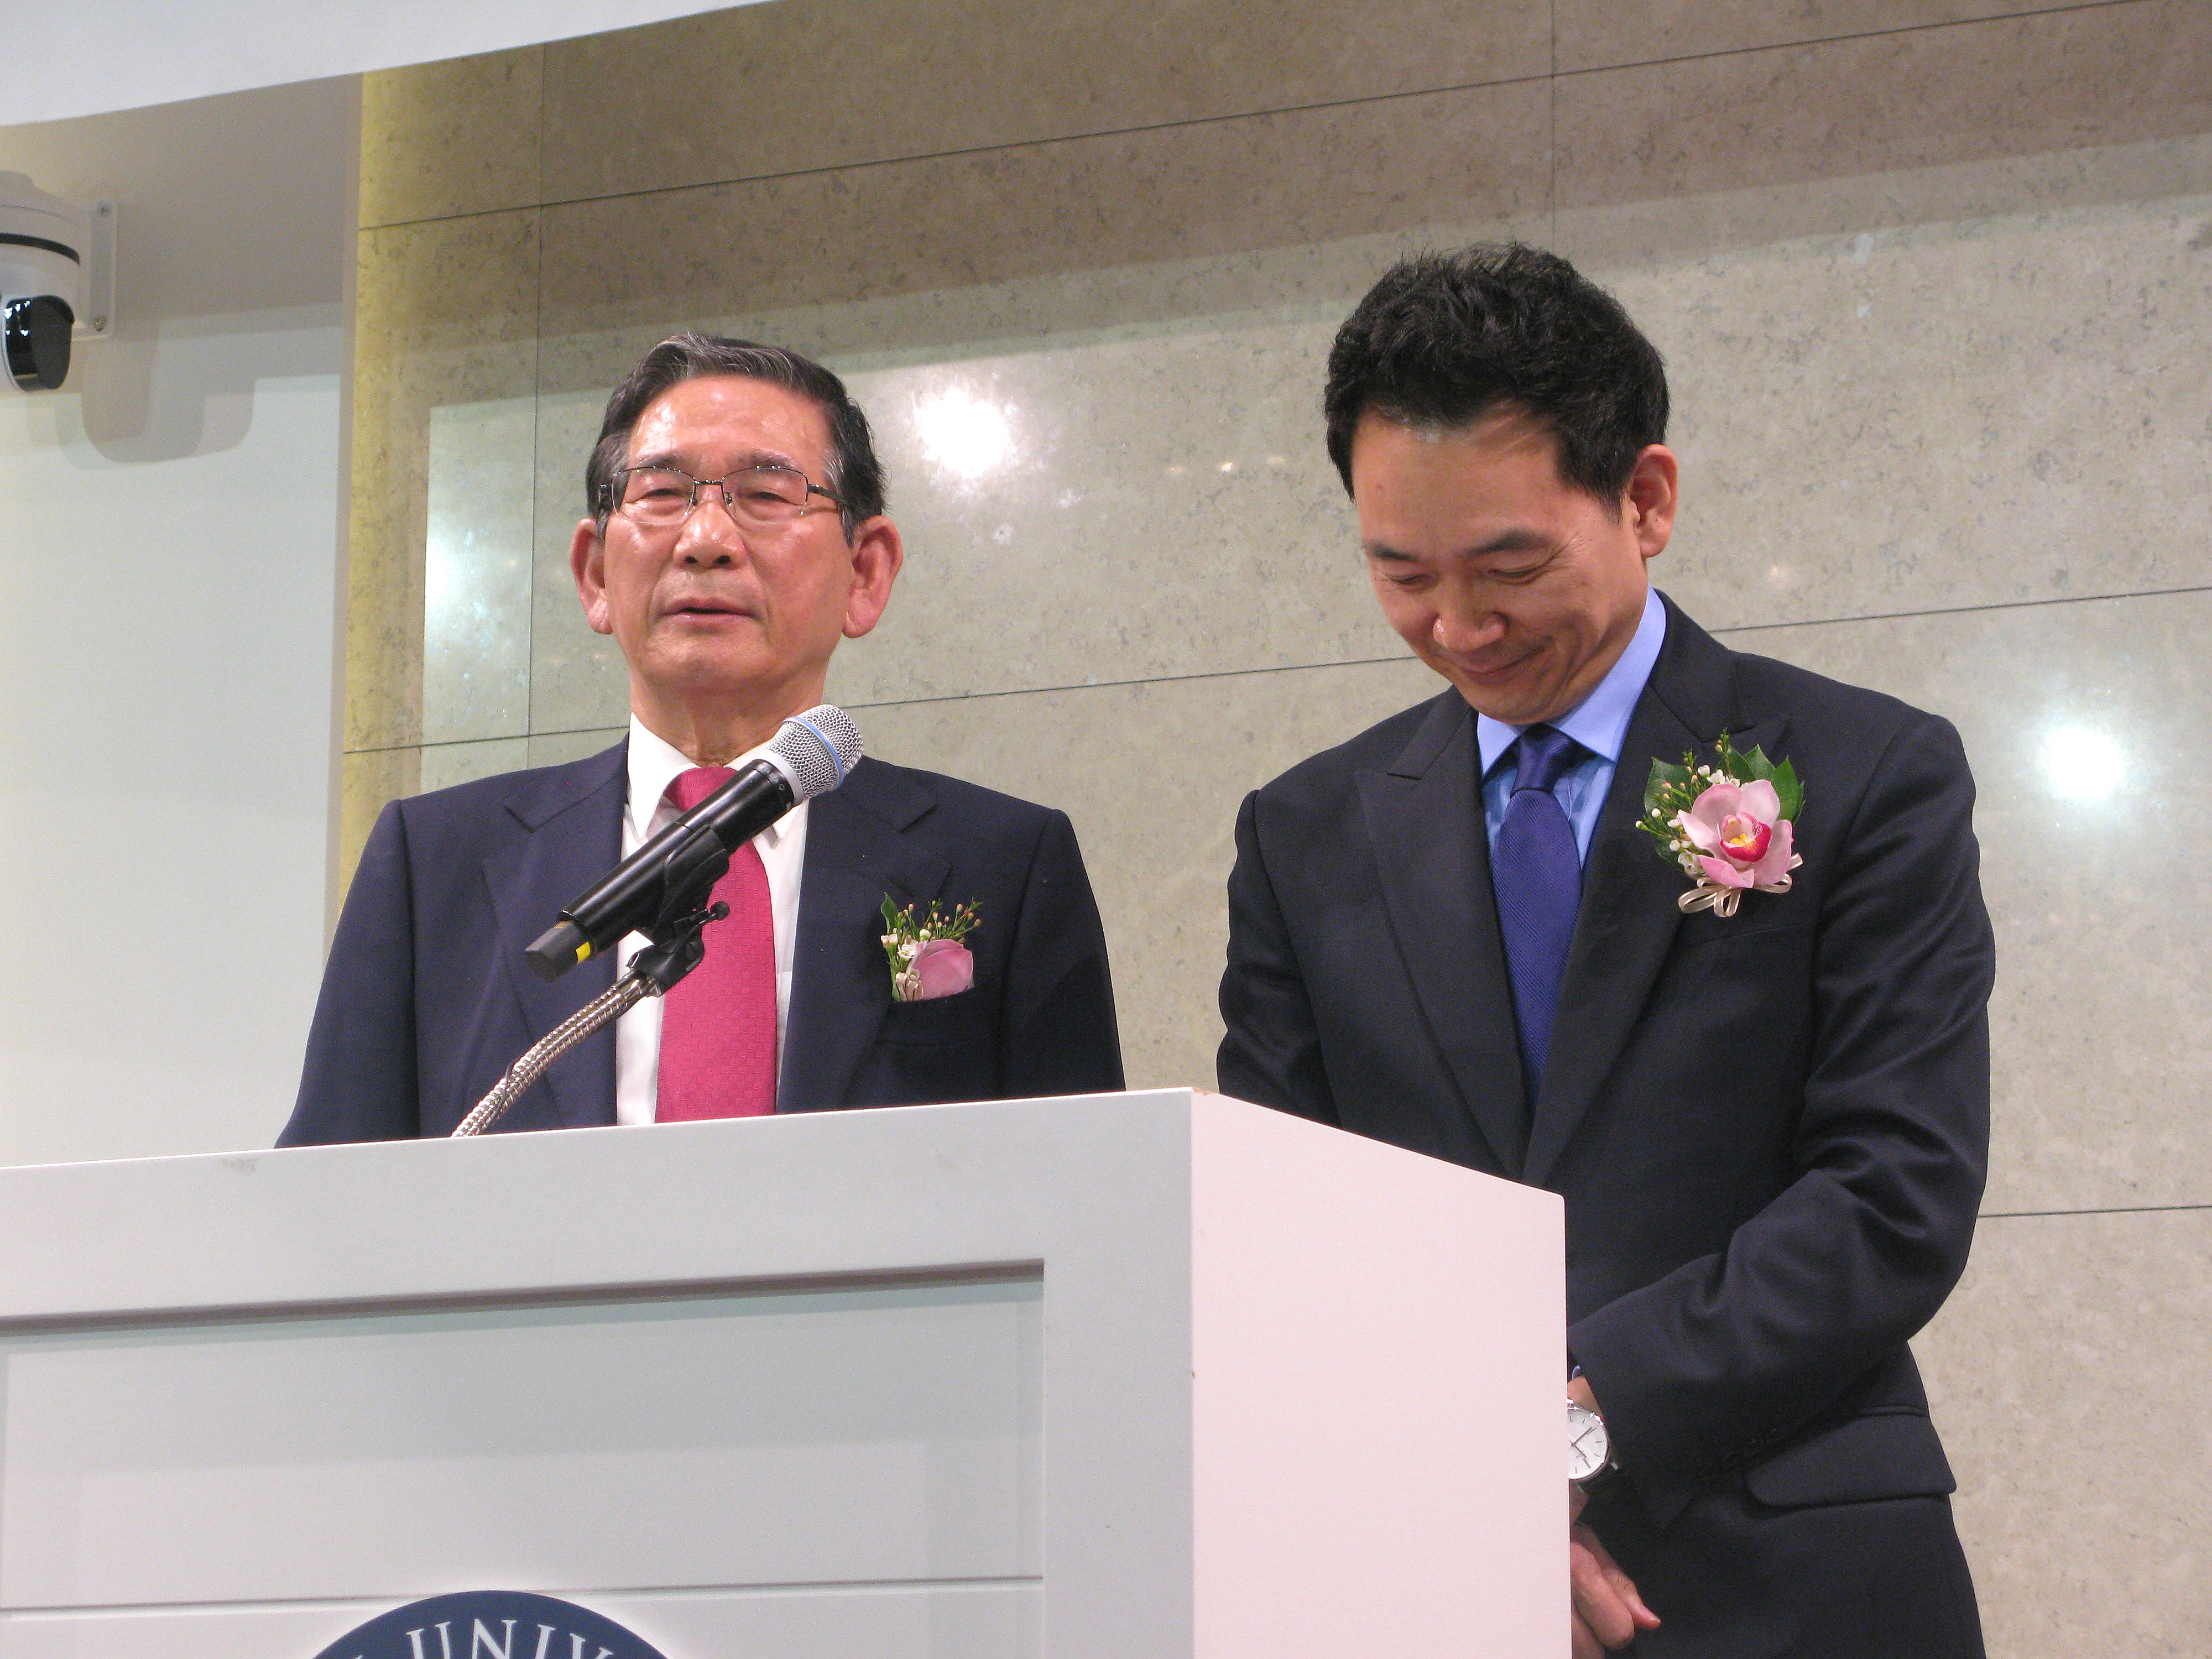 """김승규 장로(전 법무부 장관, 왼쪽)가 장성민 집사(전 국회의원, 왼쪽)를 적극적으로, """"응답을 받았다""""는 표현까지 사용하며 적극적으로 소개하고 있다."""